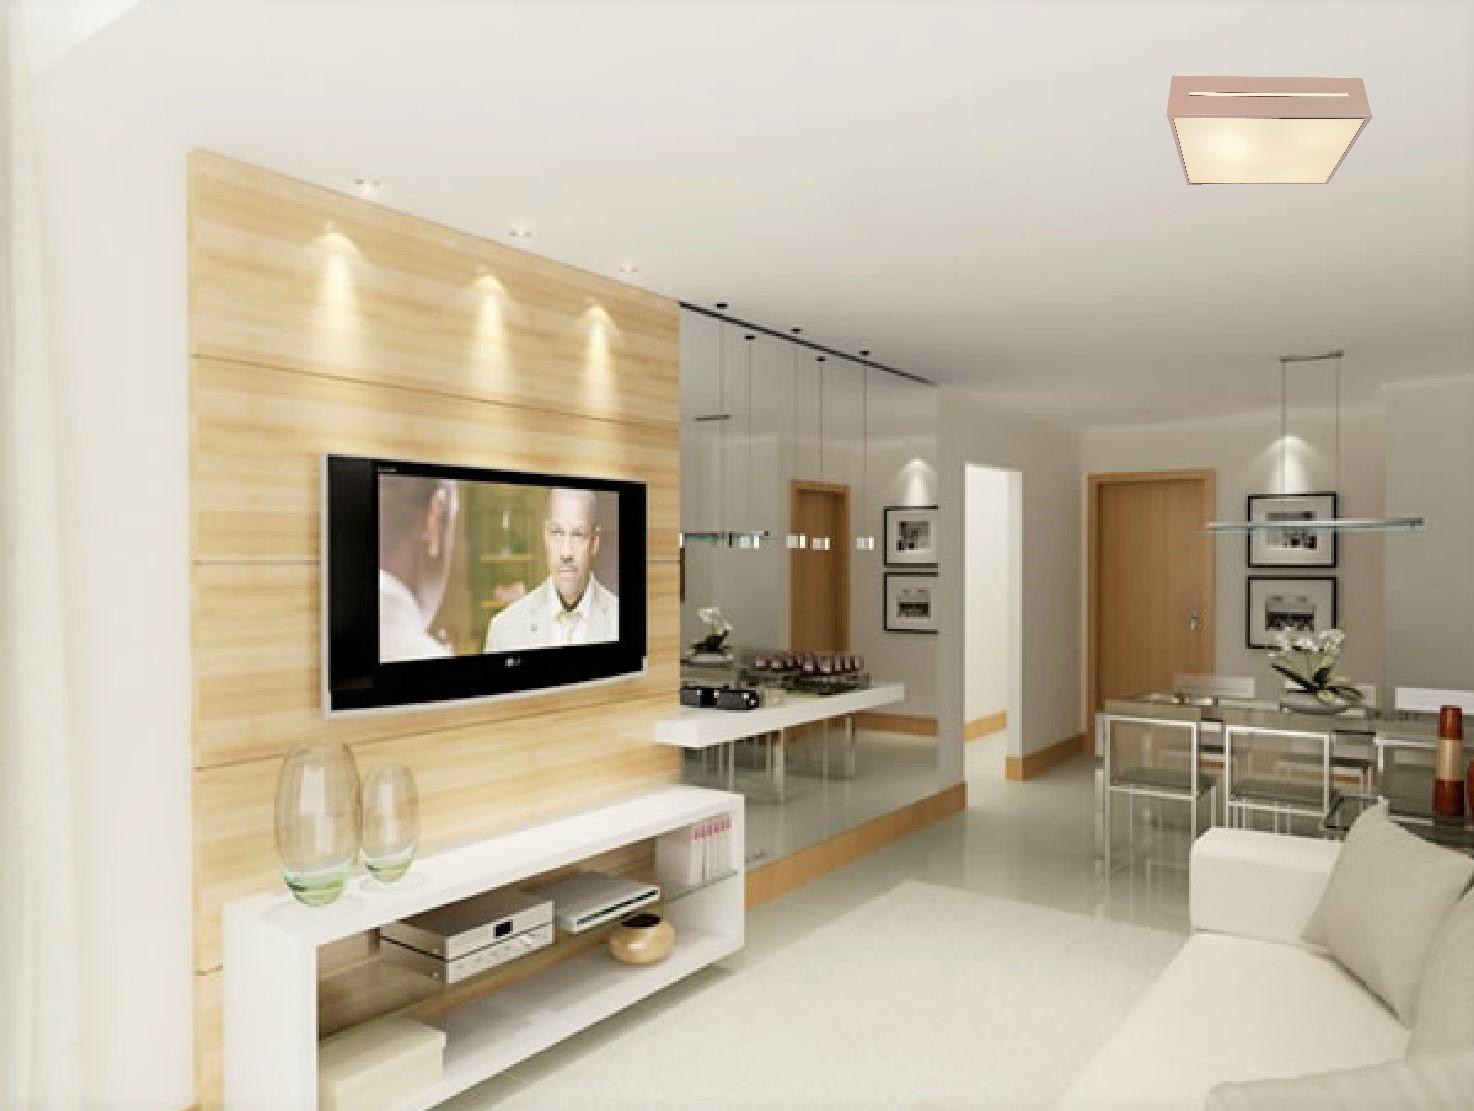 Plafon Moderno Decorativo Branco 50cm Para Sala Mesa Cozinha Quarto Escritório Hall